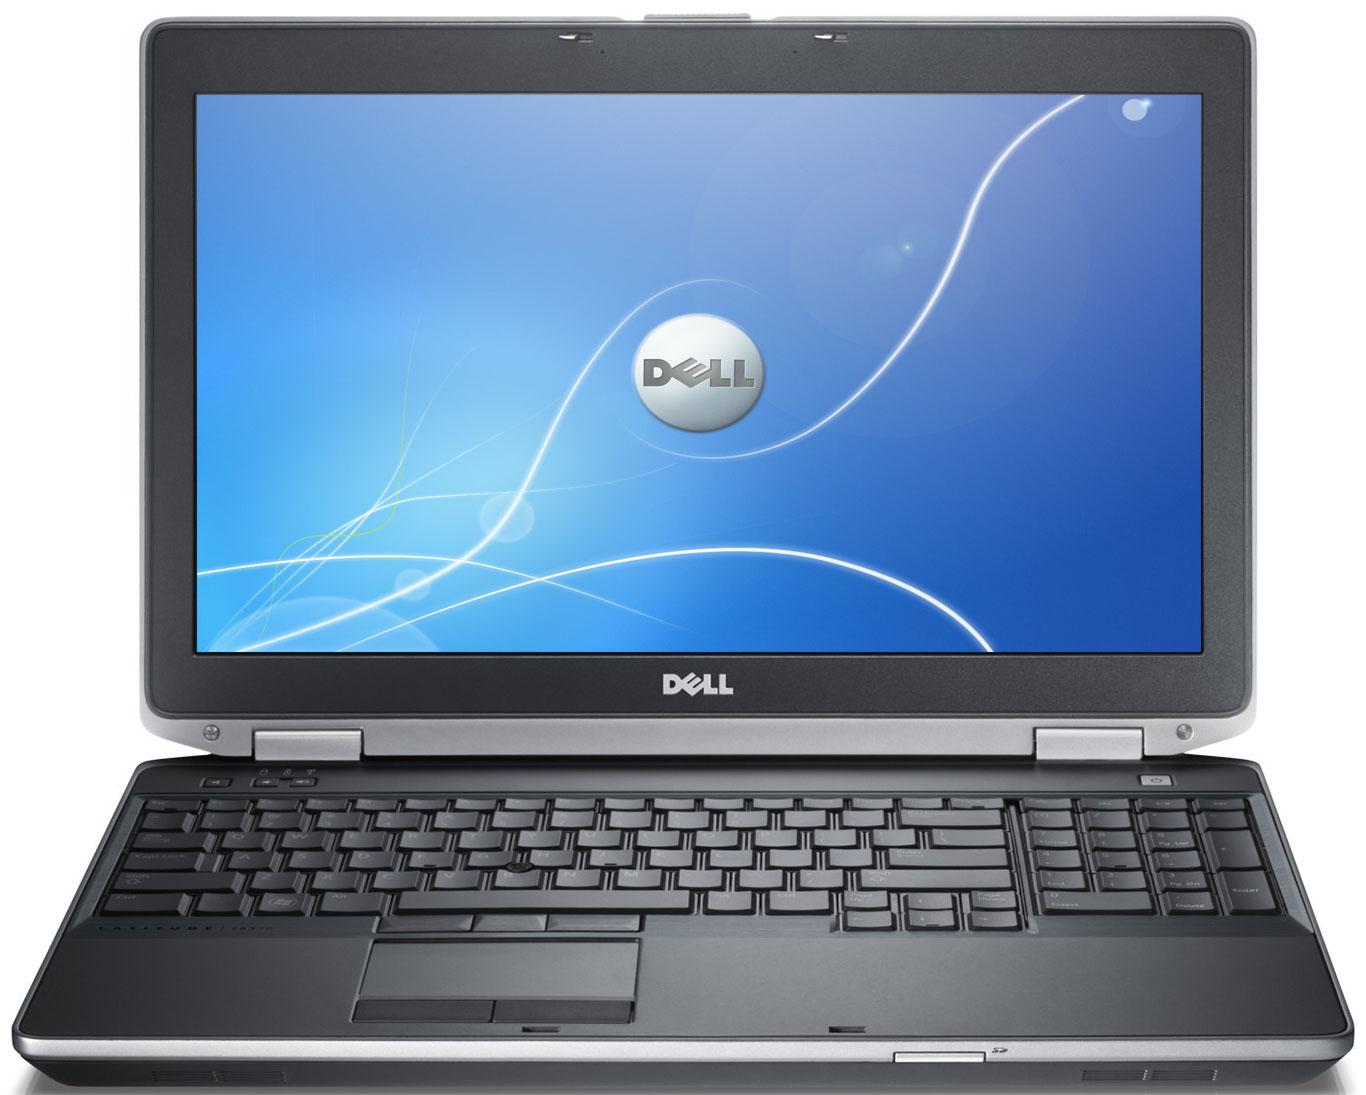 【500円クーポン使えます!】中古ノートパソコンDell Latitude E6540 E6540 【中古】 Dell Latitude E6540 中古ノートパソコンCore i5 Win7 Pro Dell Latitude E6540 中古ノートパソコンCore i5 Win7 Pro